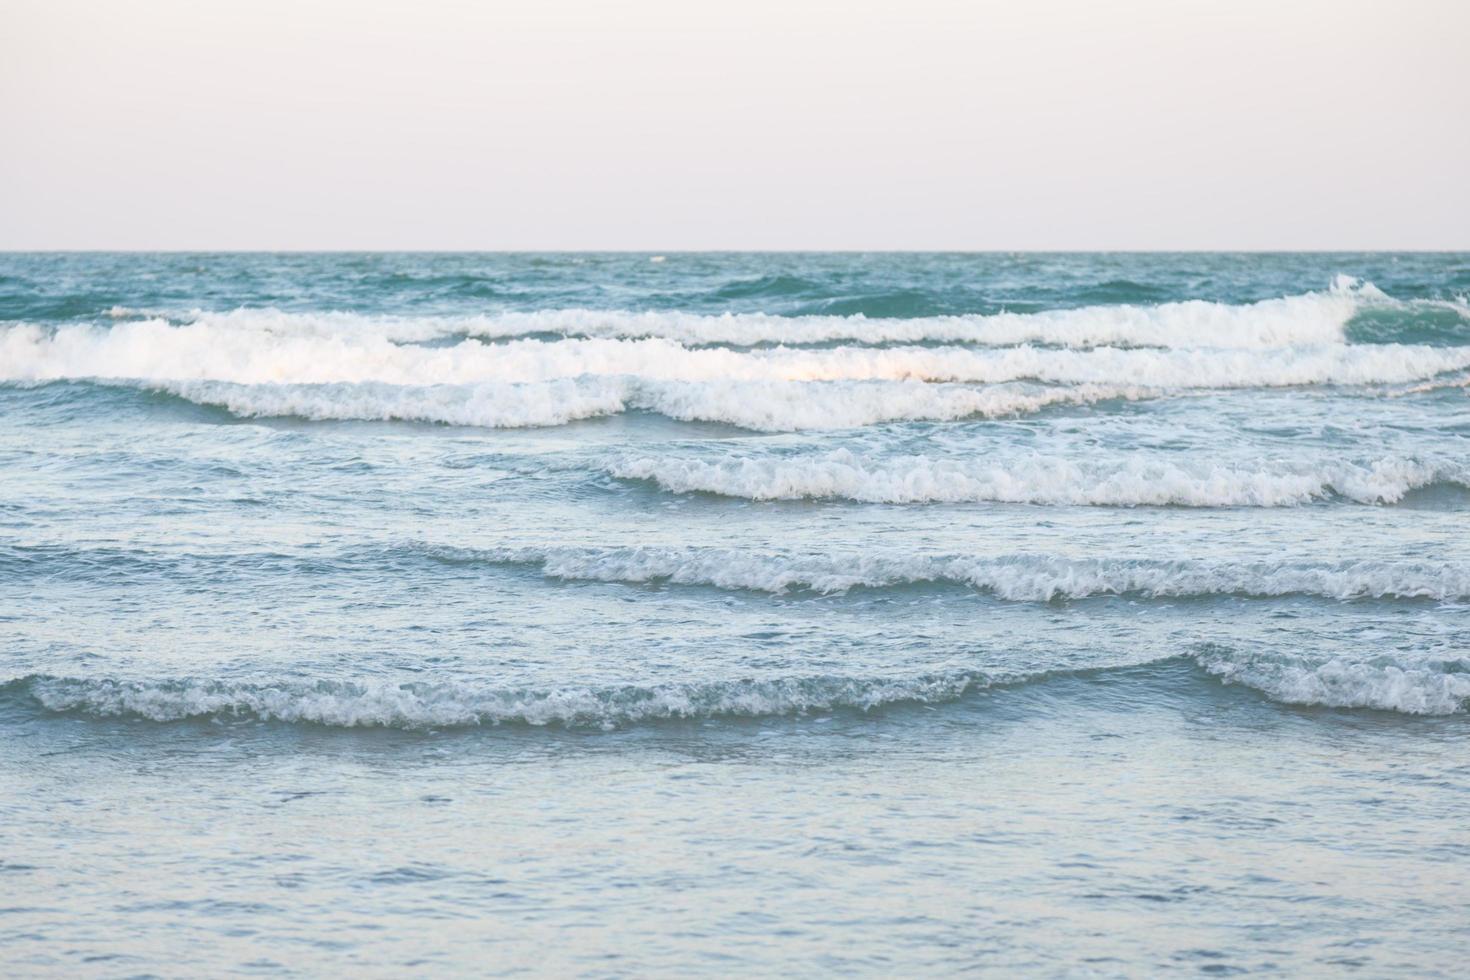 vagues de l'océan se brisant sur la plage photo